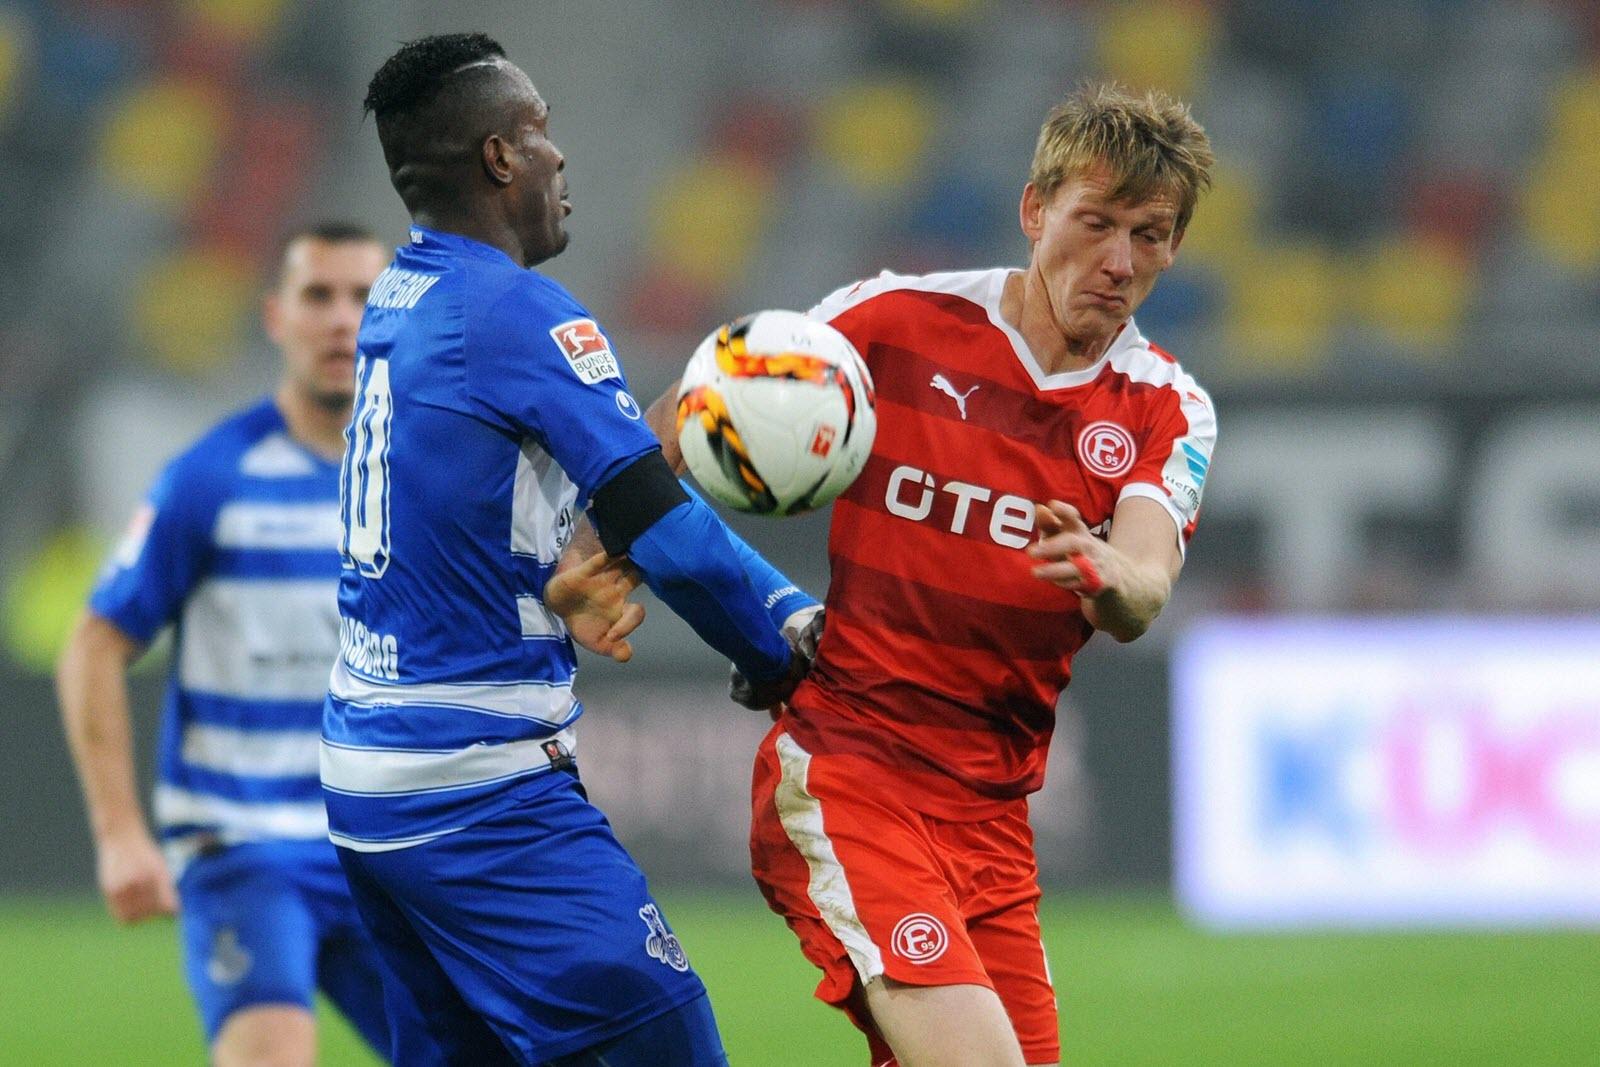 Onuegabu (Duisburg) gegen Bellinghausen (Düsseldorf). Wer gewinnt? Jetzt auf MSV gegen Fortuna wetten!